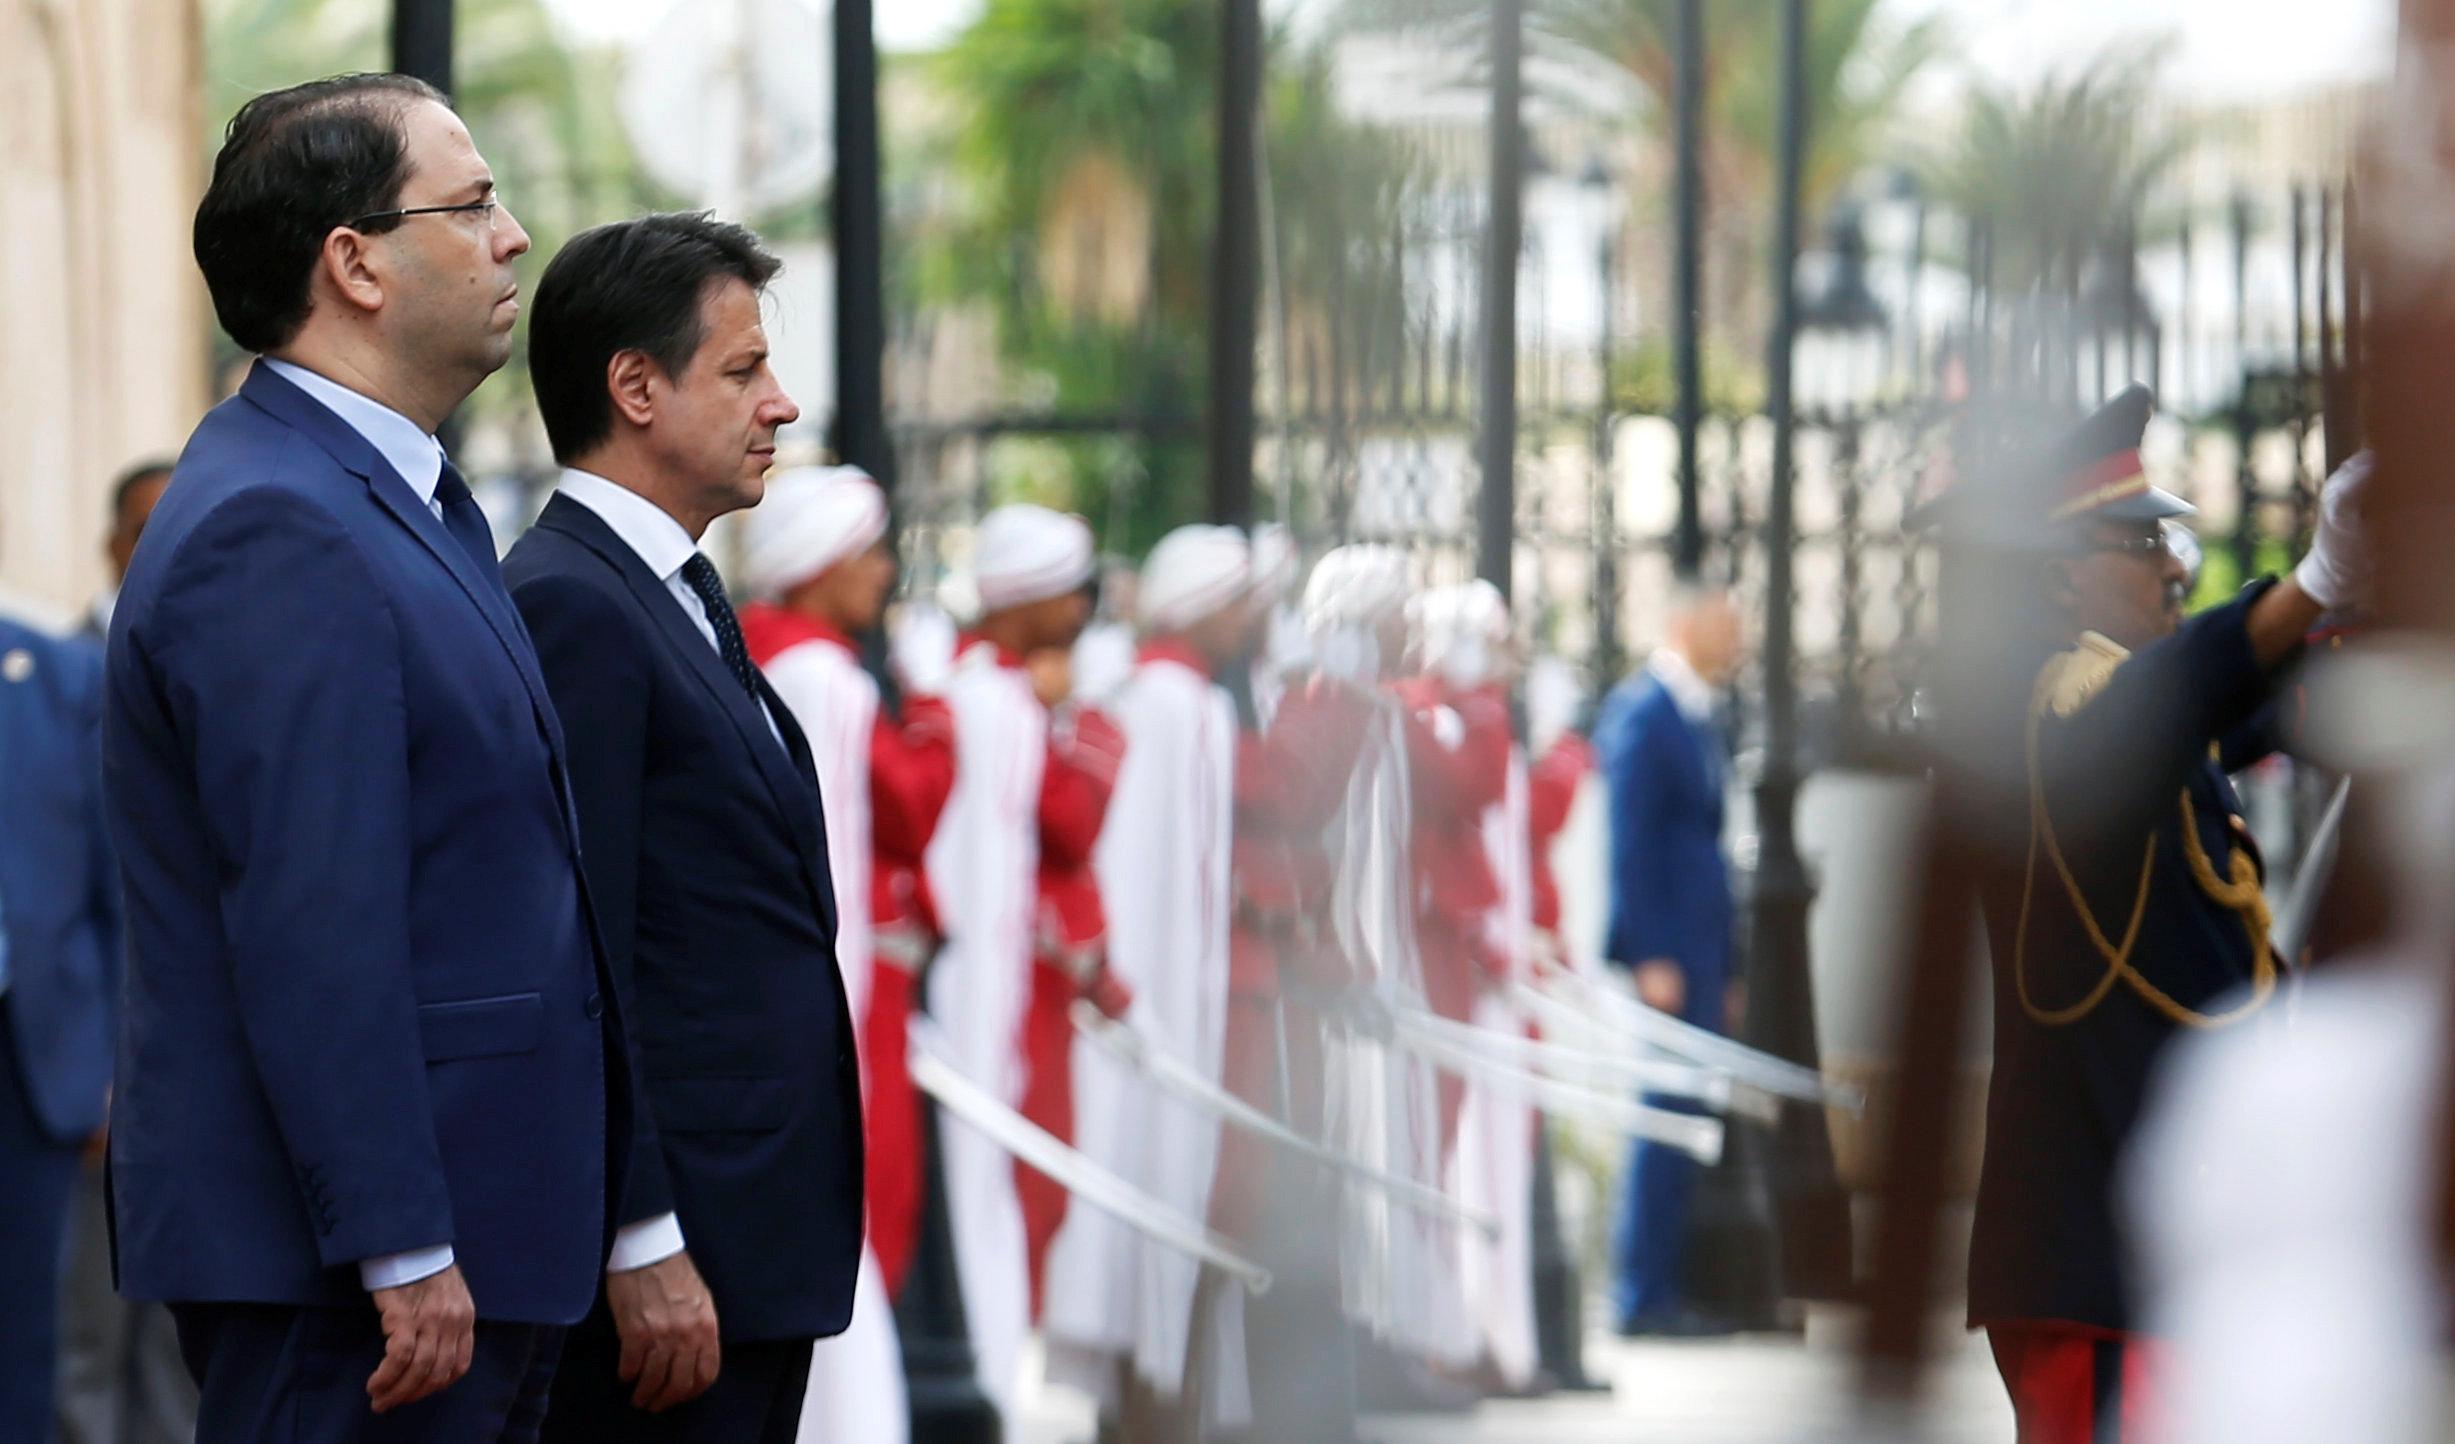 رئيس الوزراء الإيطالي جوزيبي كونتي ورئيس الوزراء التونسي يوسف الشاهد - تونس